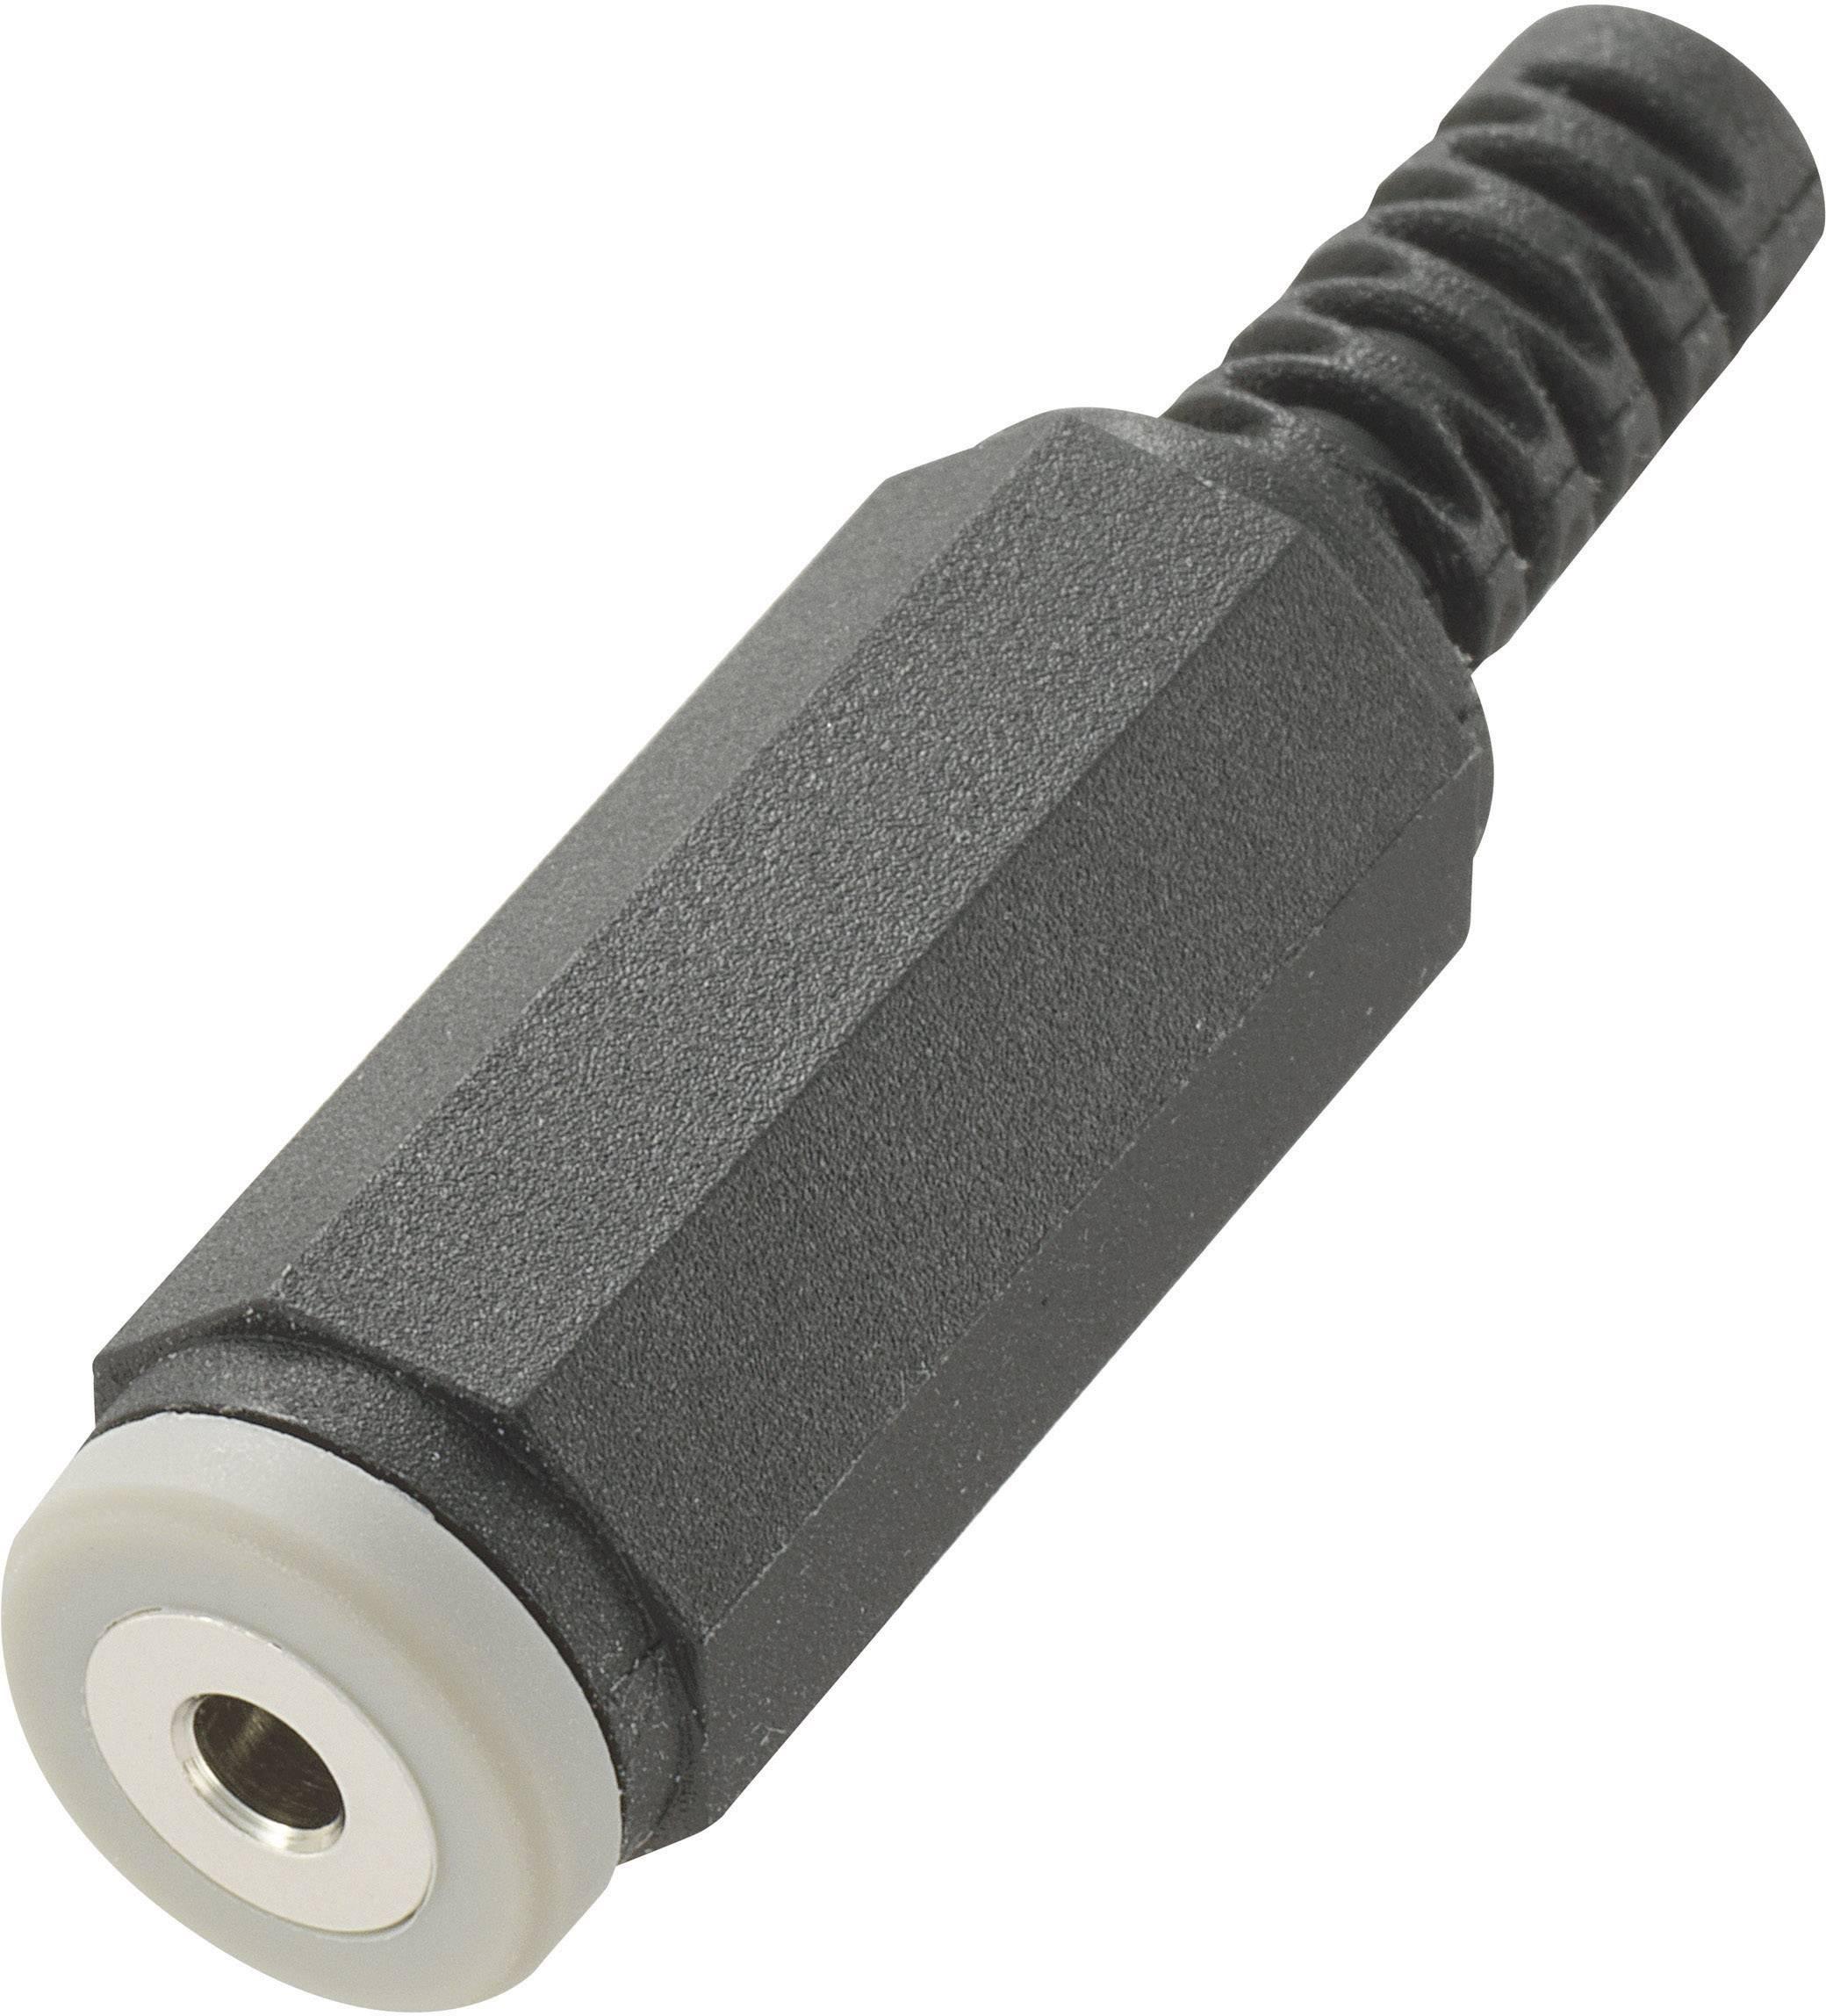 Jack konektor 2.5 mm stereo zásuvka, rovná Conrad Components počet pinov: 4, čierna, 1 ks